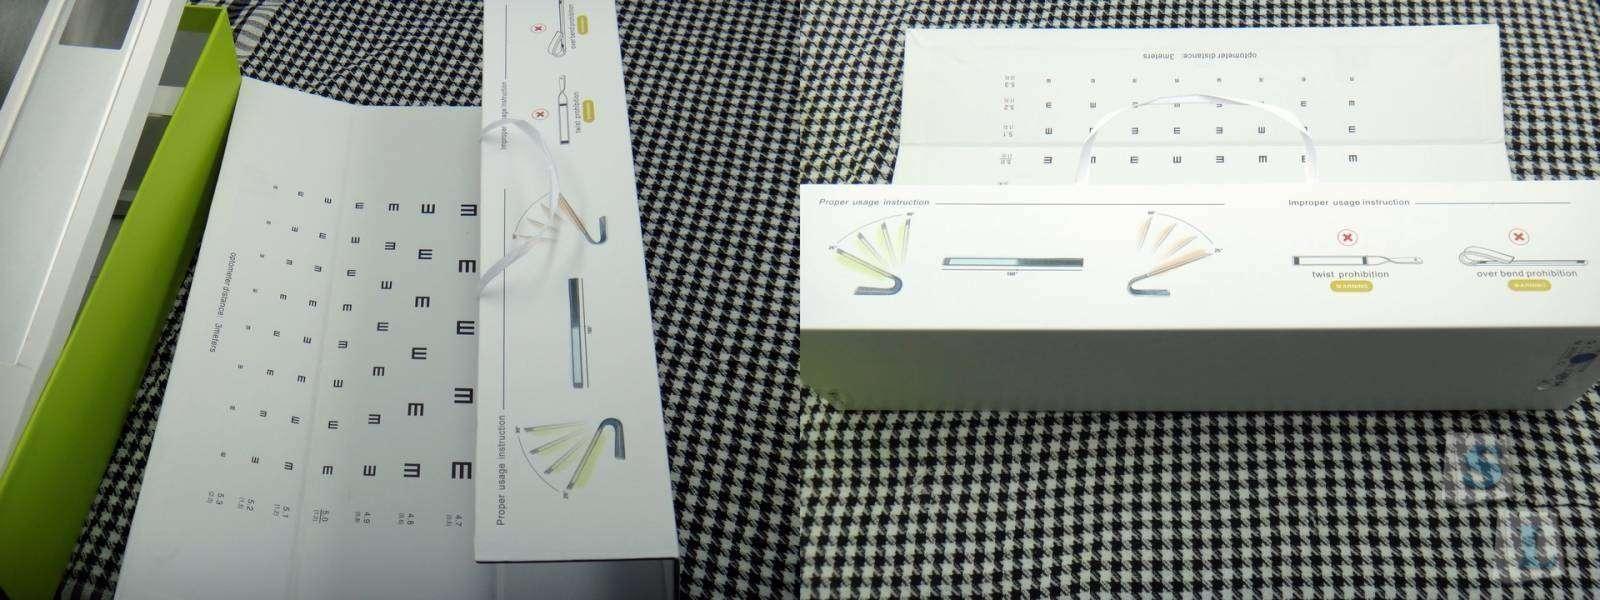 TVC-Mall: EAST SKY Moonlight - настольная LED лампа с сенсорным управлением и встроенным аккумулятором